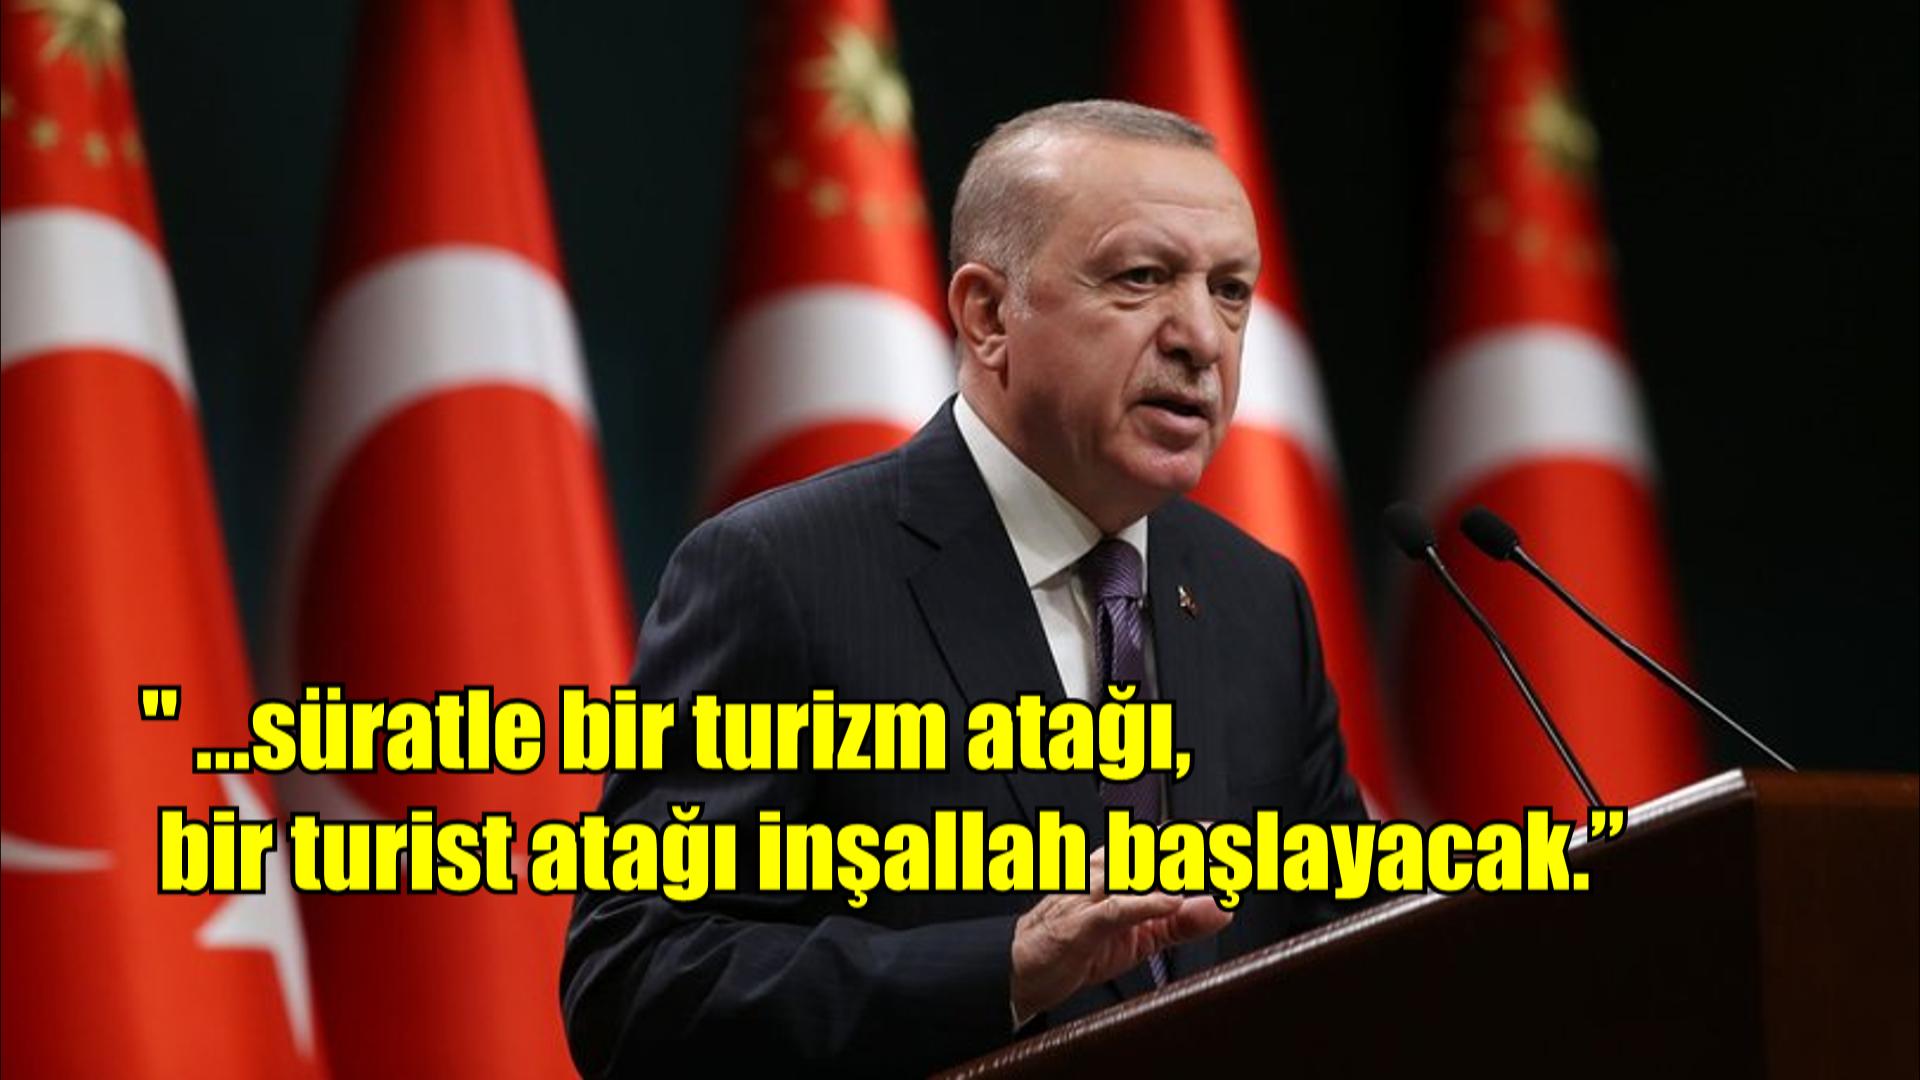 Erdoğan: 'Süratli bir turist atağı başlayacak'